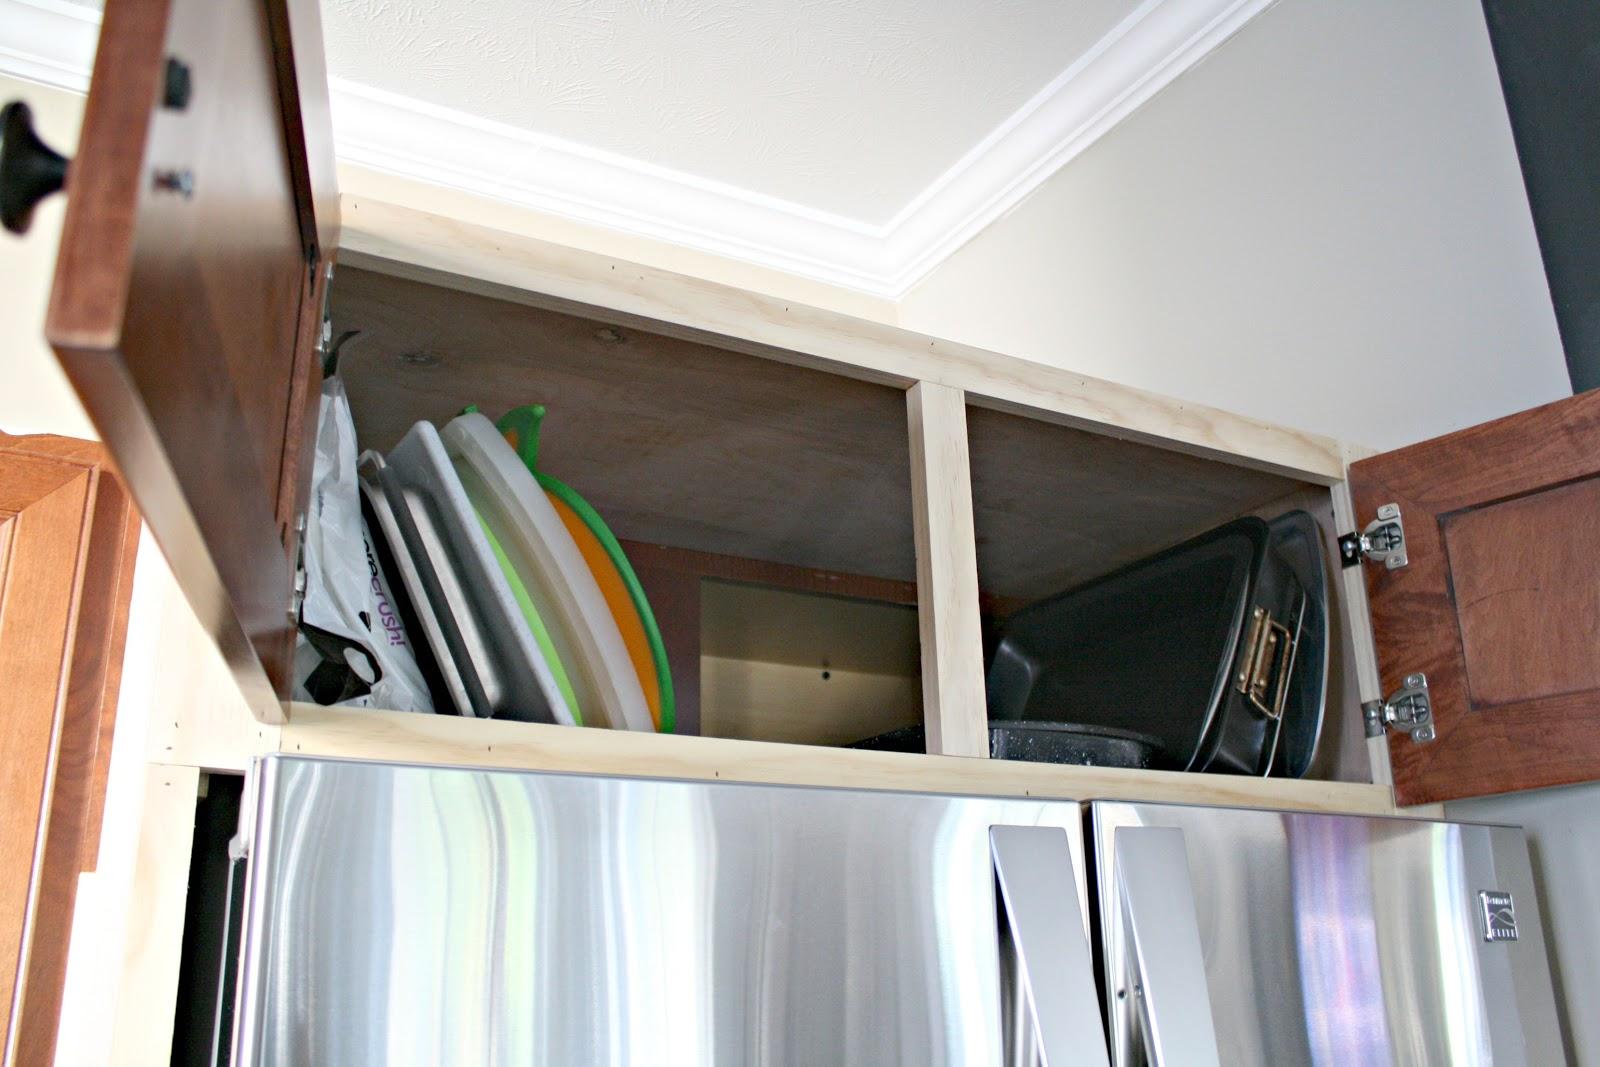 DIY built in fridge